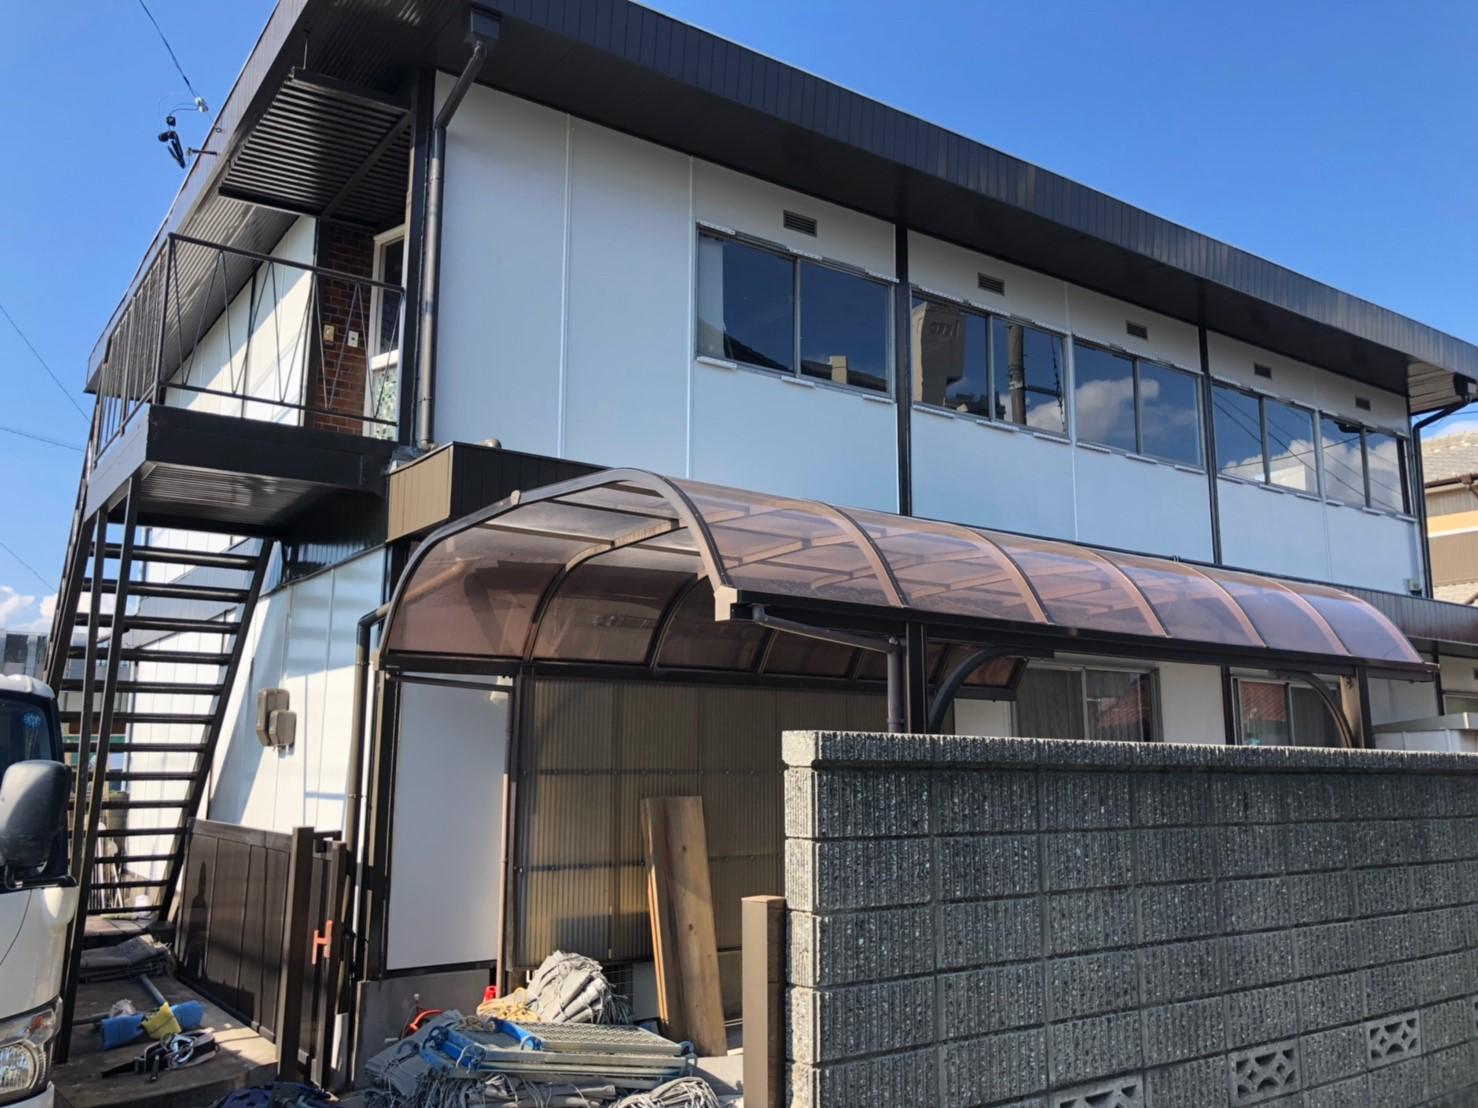 あま市 T様邸 2棟分のもう一棟のご紹介です。 こちらも同様に日本ペイント「ファインパーフェクトト...